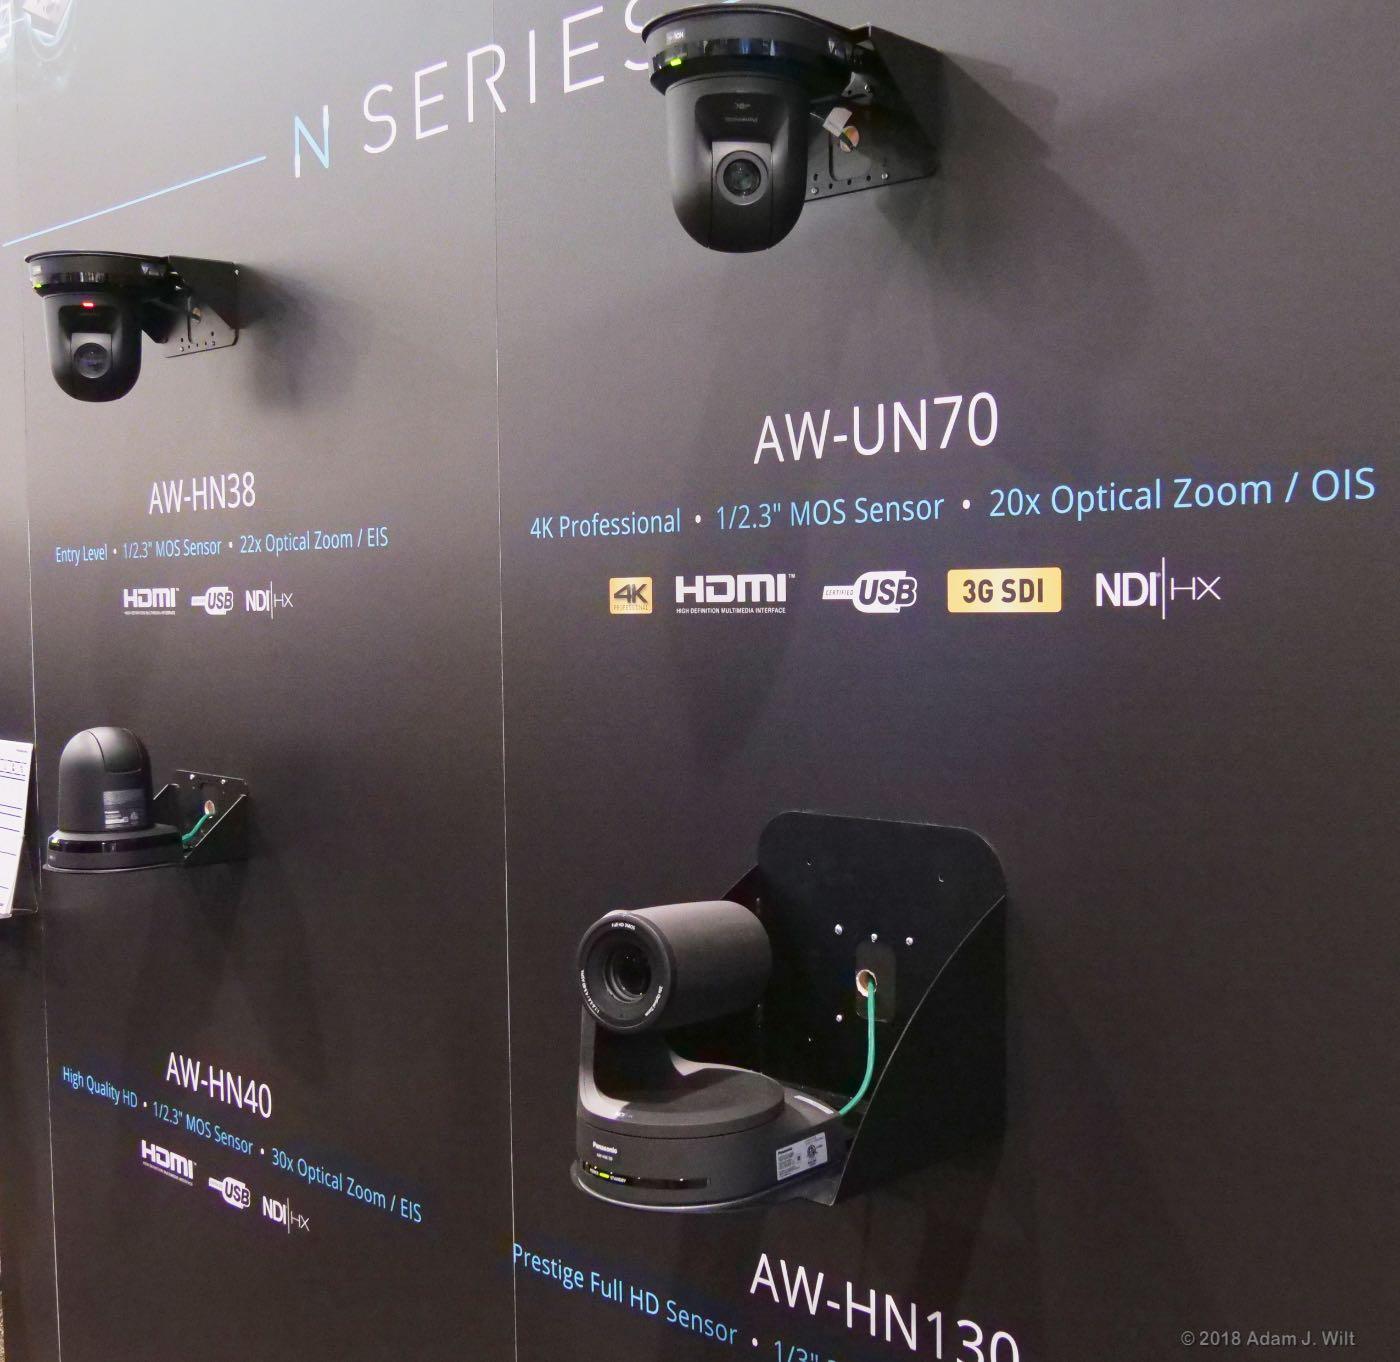 Panasonic NDI PTZ cameras